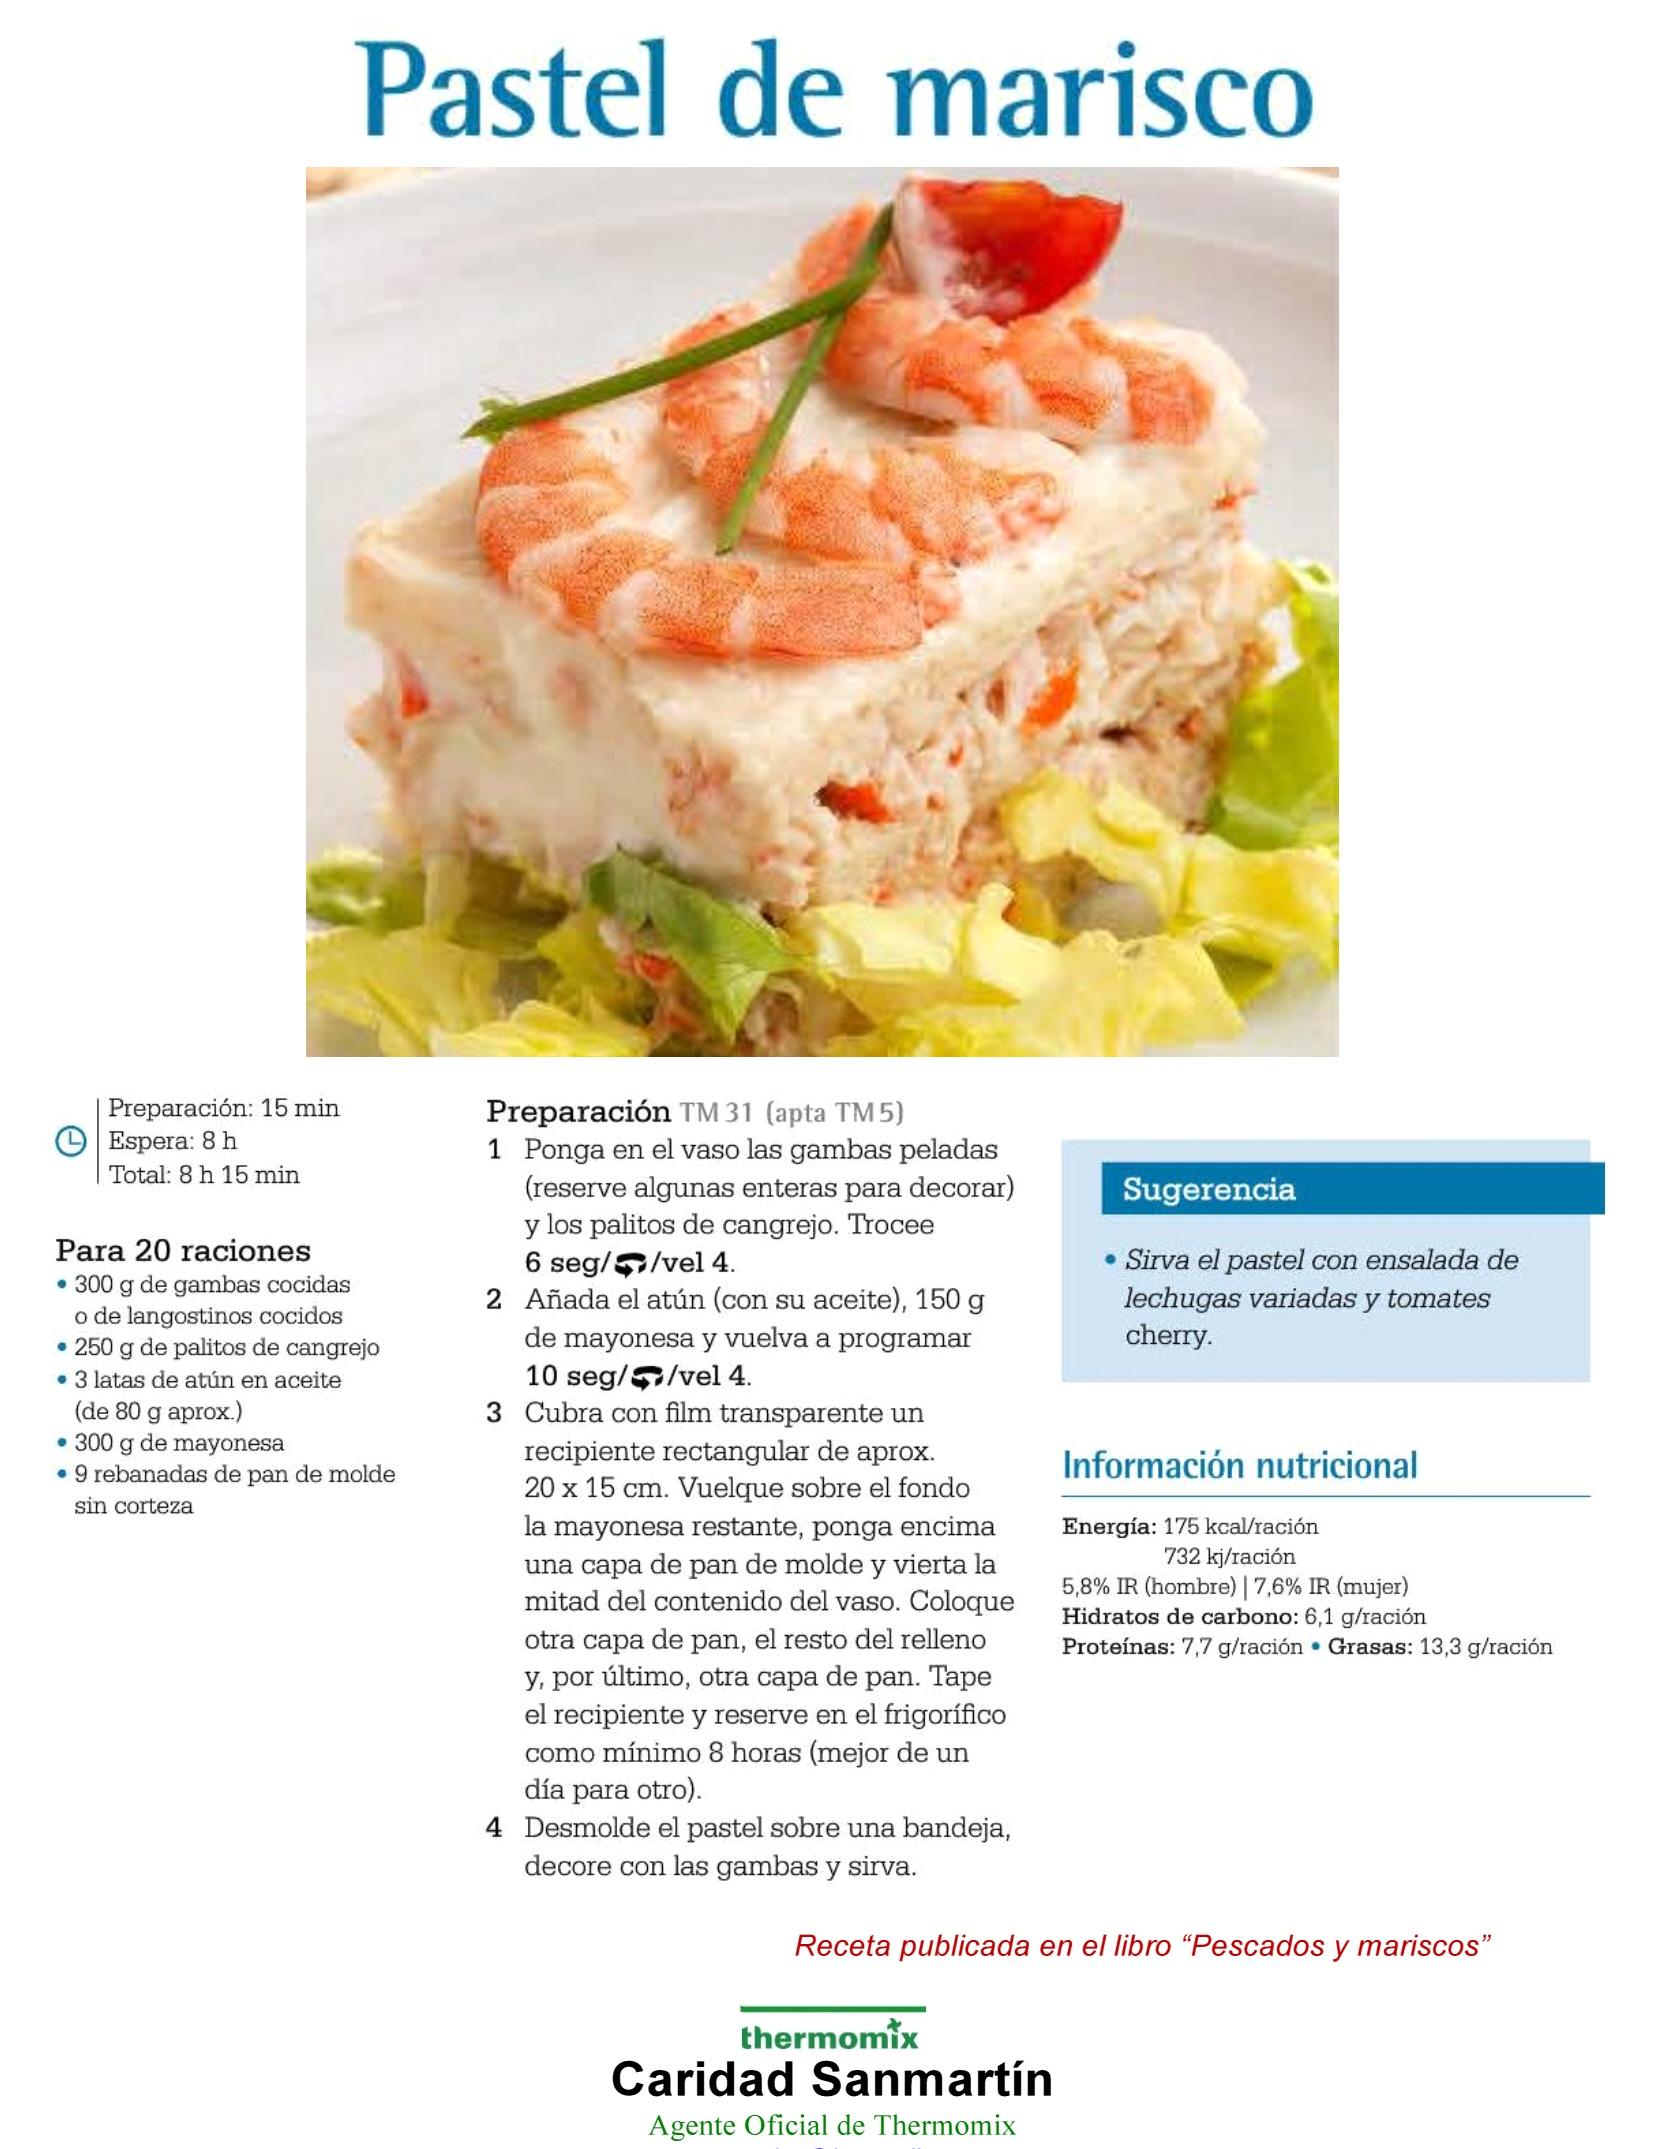 Recetas de verano con thermomix pastel de marisco Cocinar con 5 ingredientes